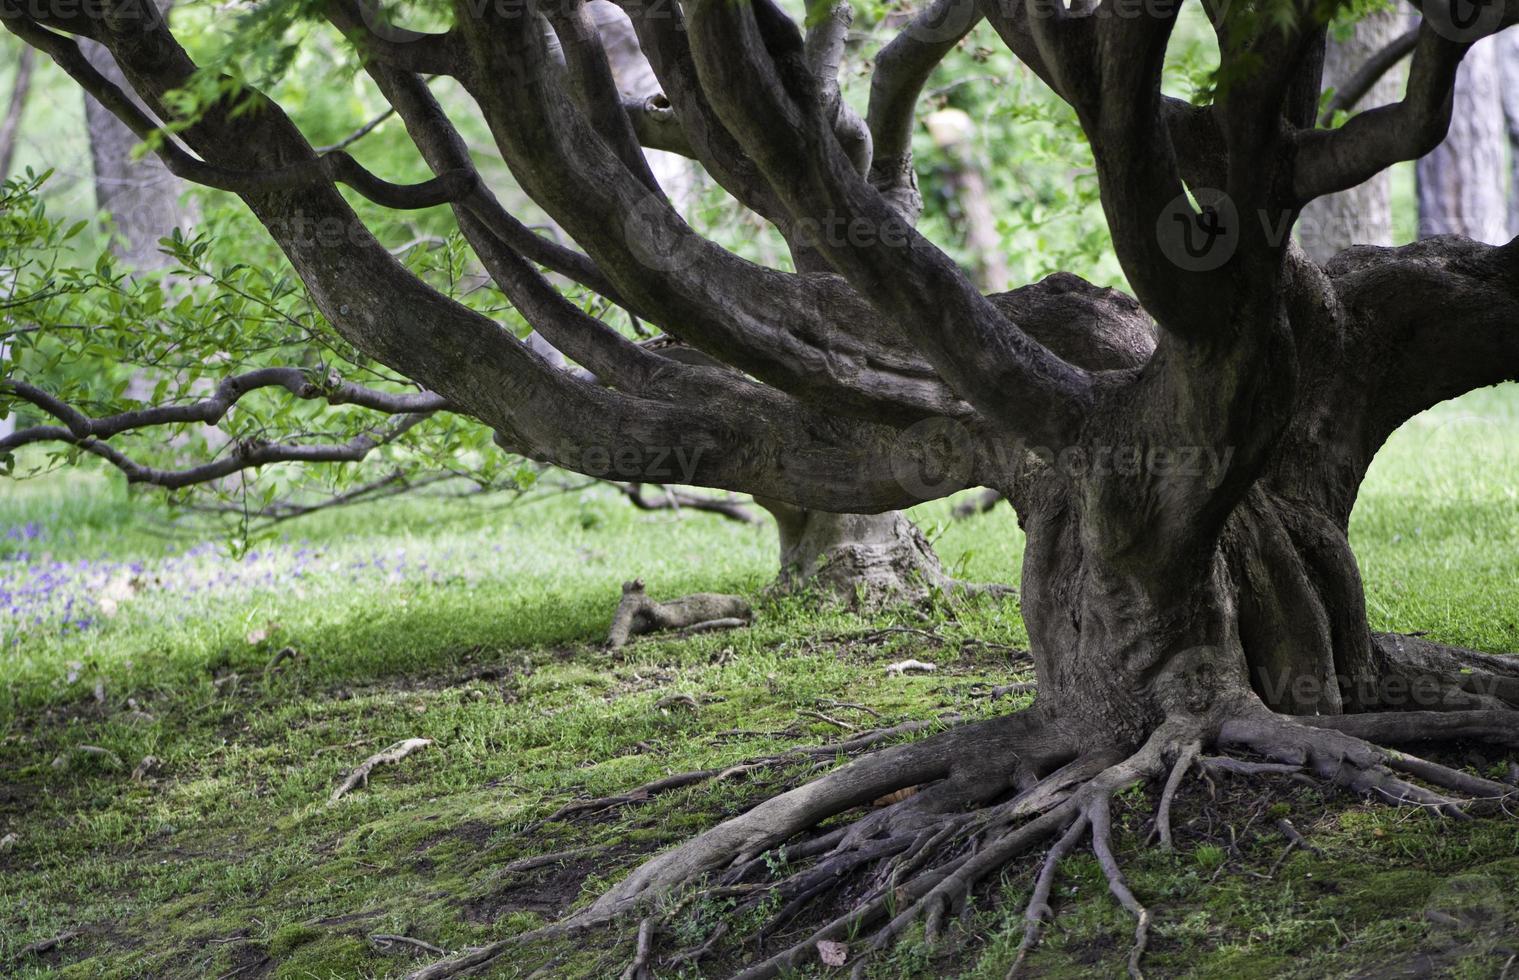 gammalt träd med utsatta rötter foto